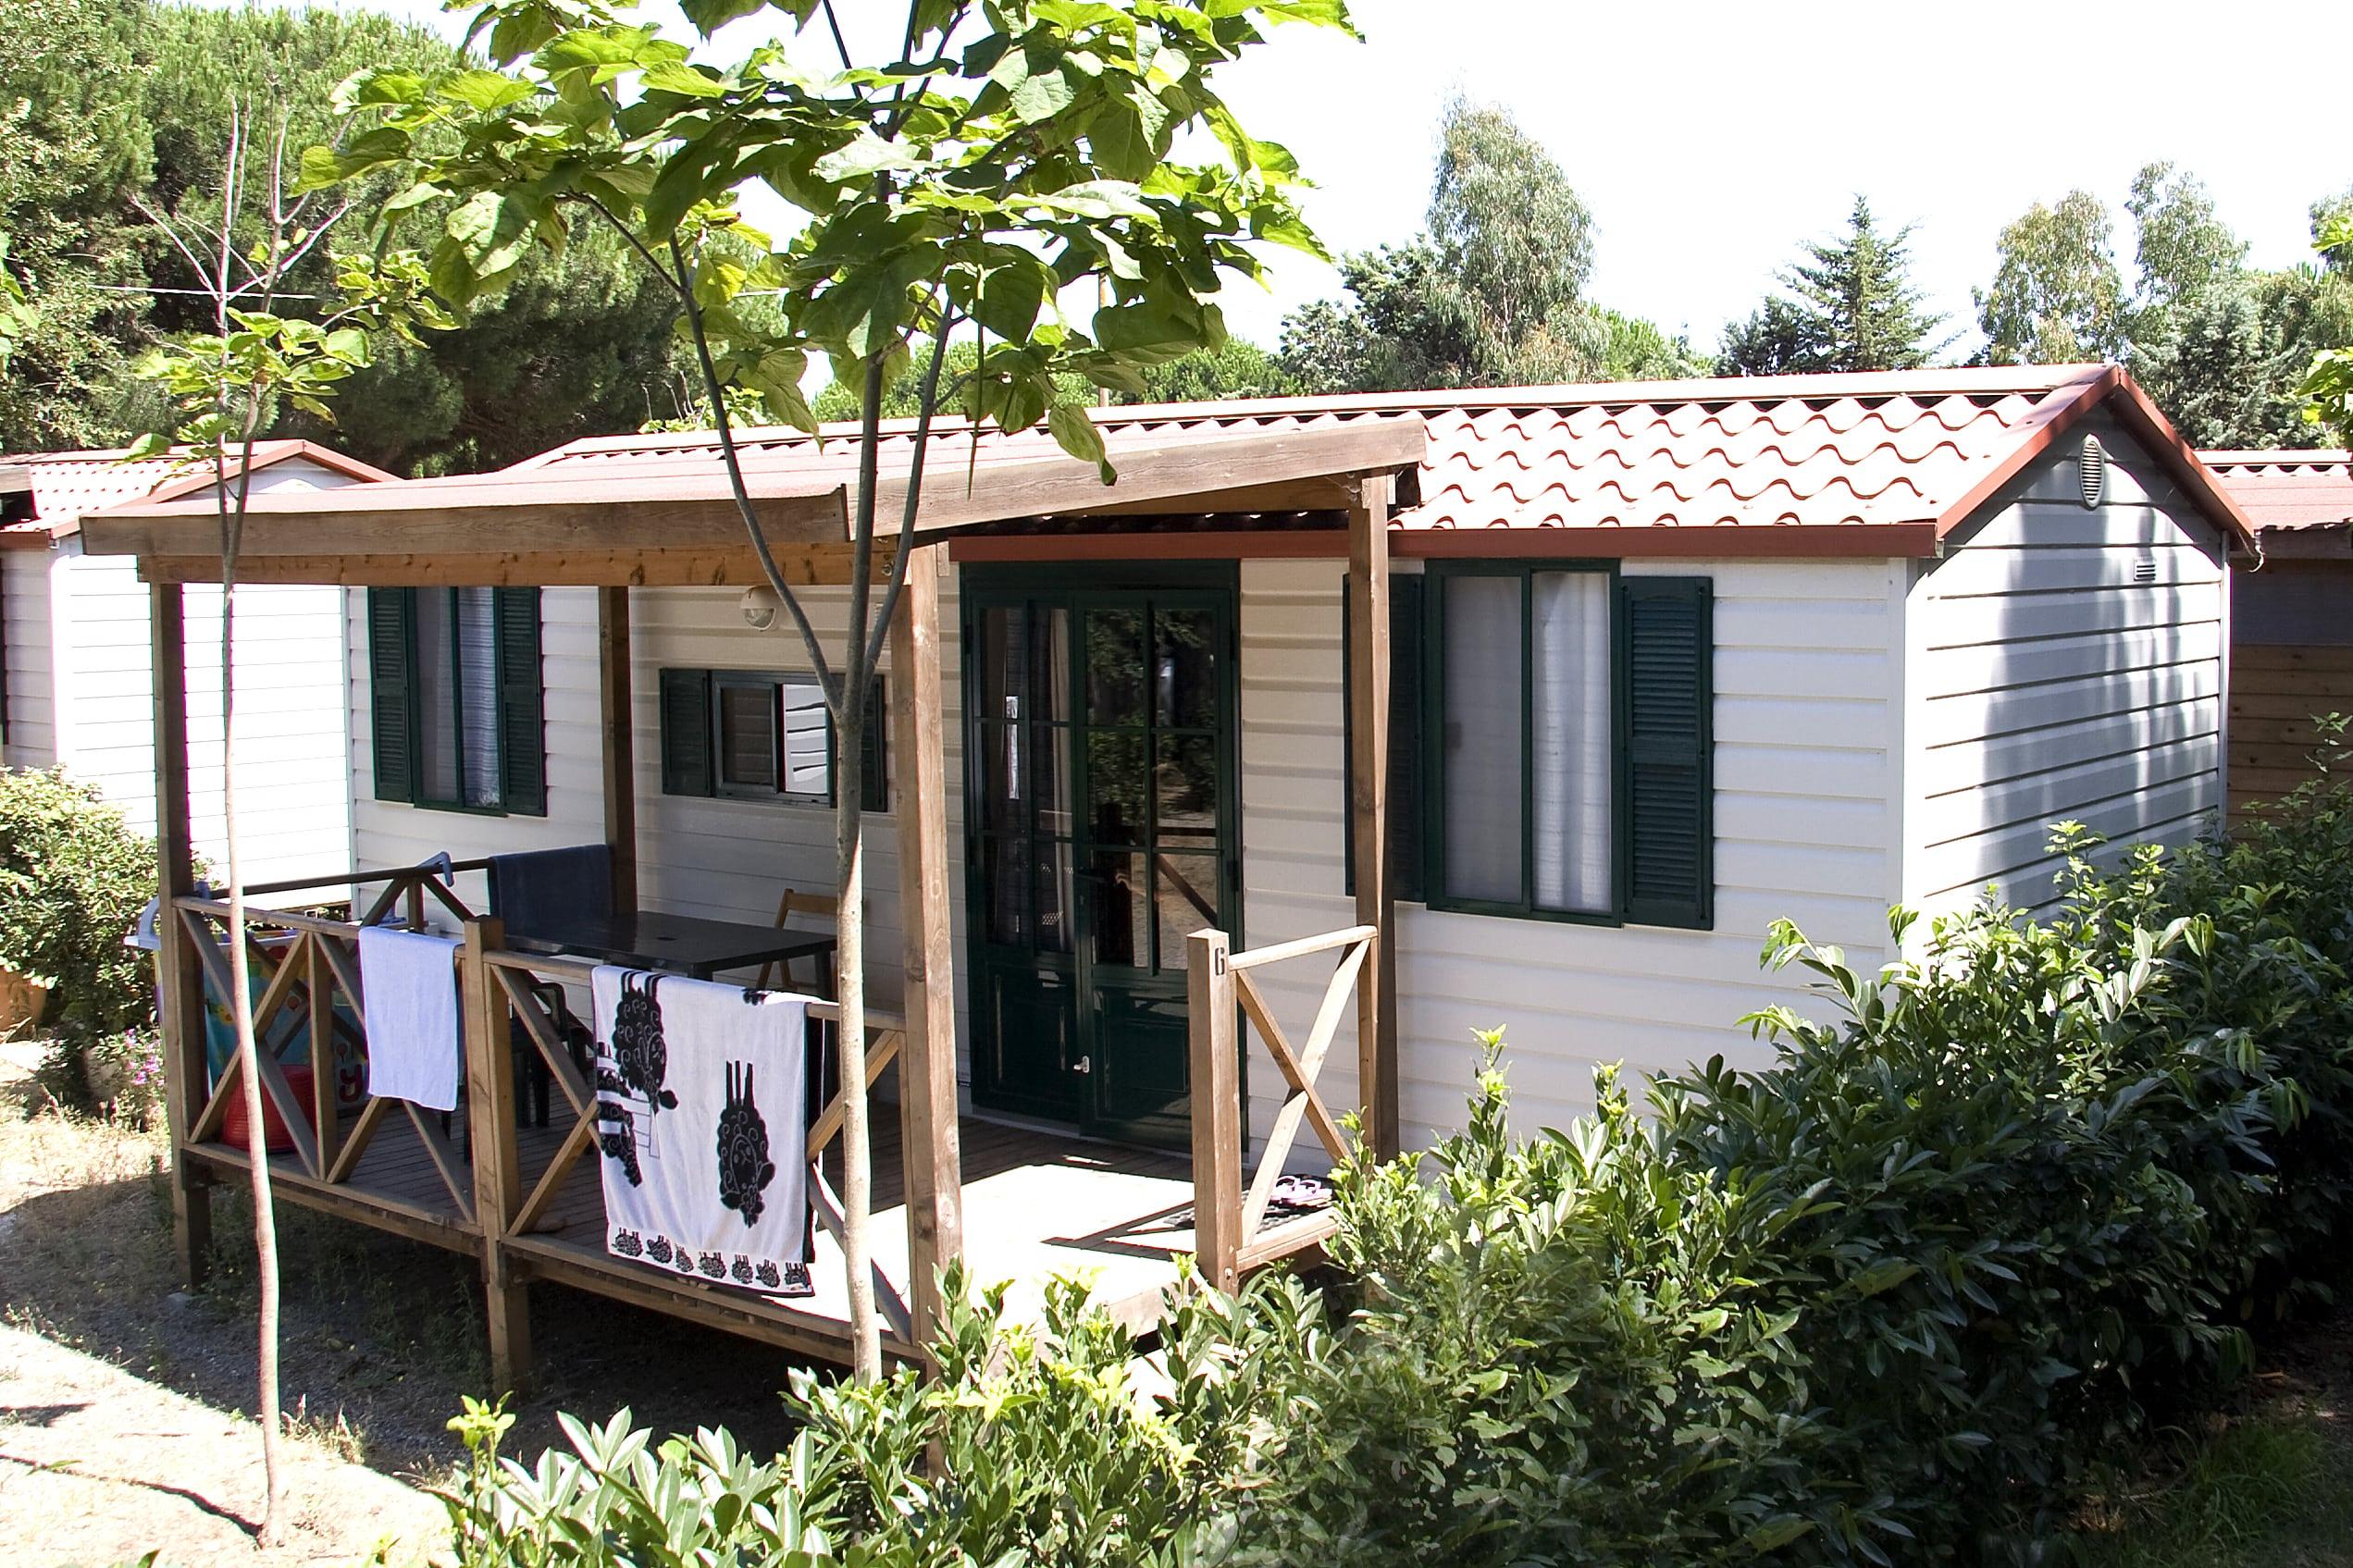 Le case mobili campeggio acapulco for Case mobili pigreco